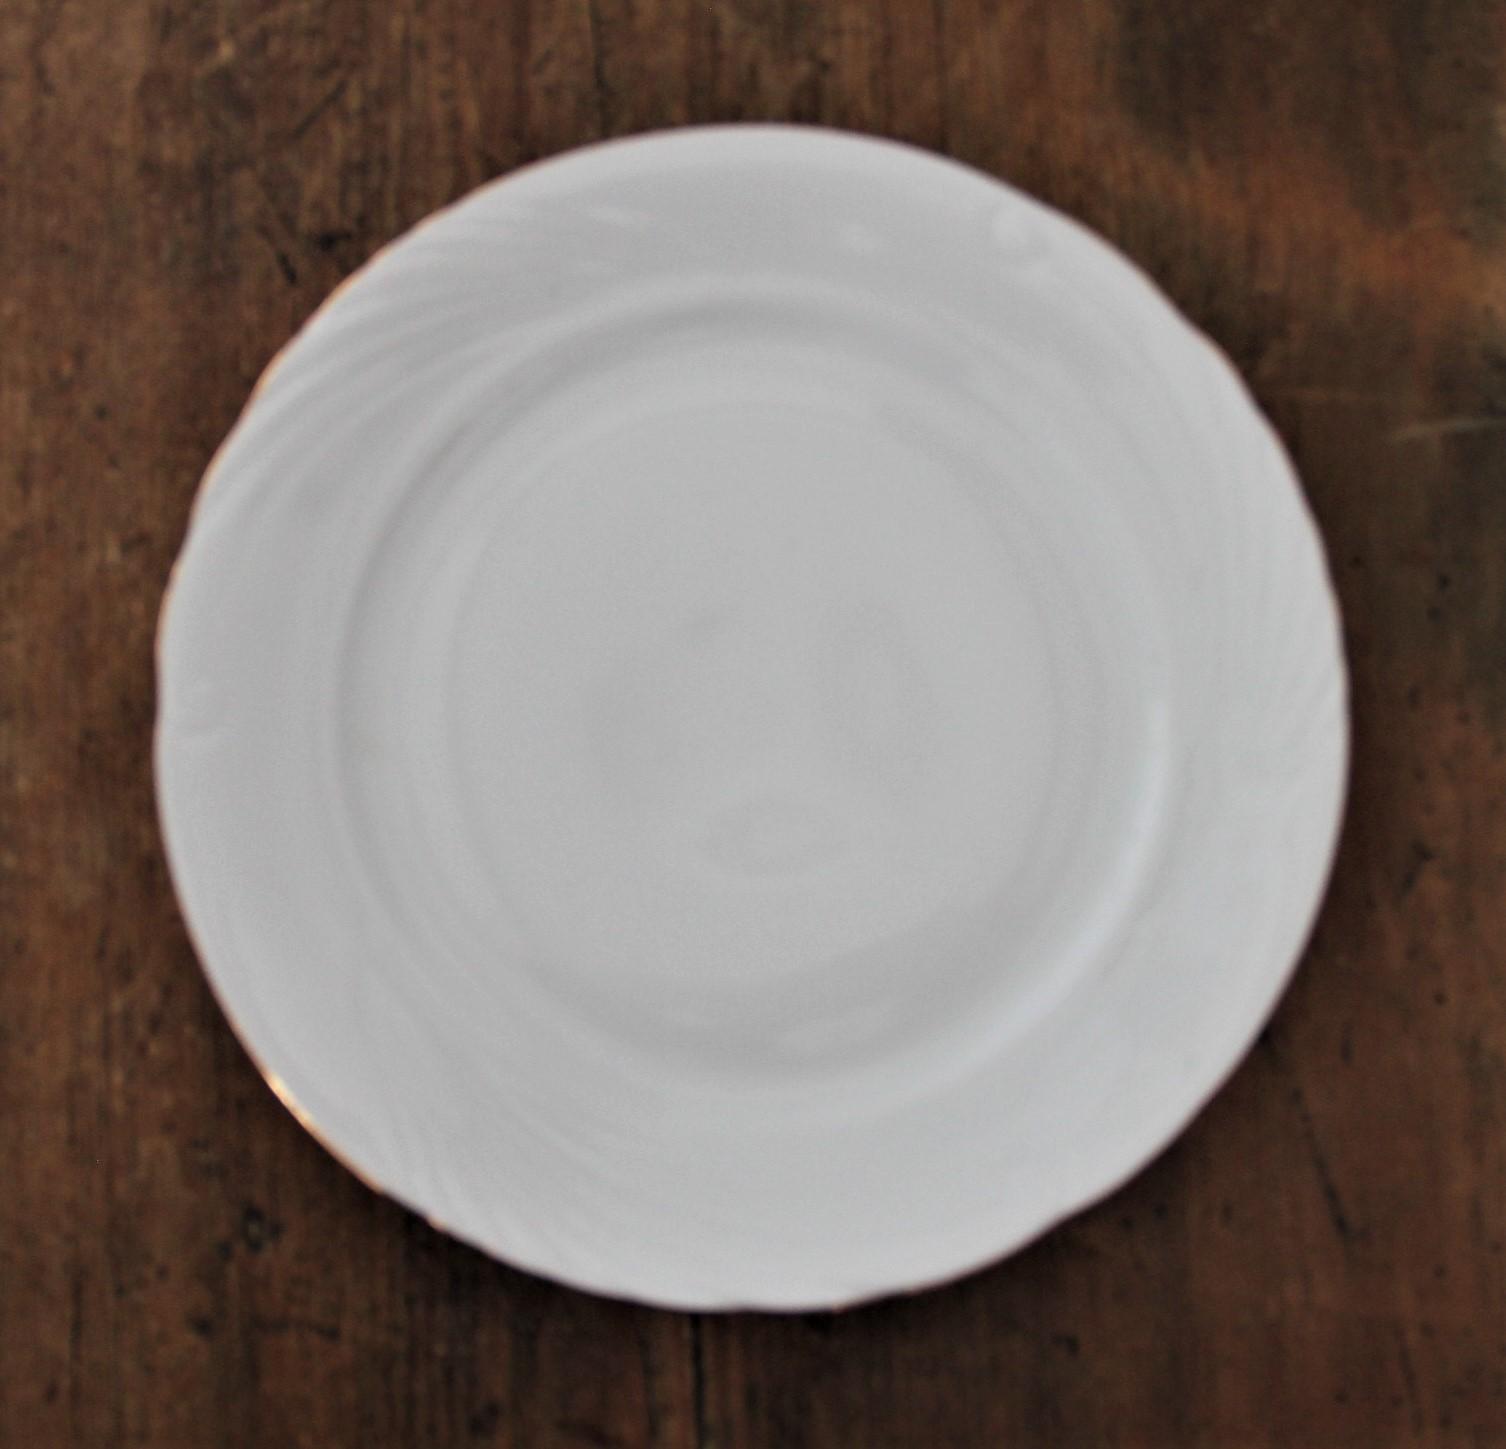 Assiette porcelaine blanche liseré or - D23cm